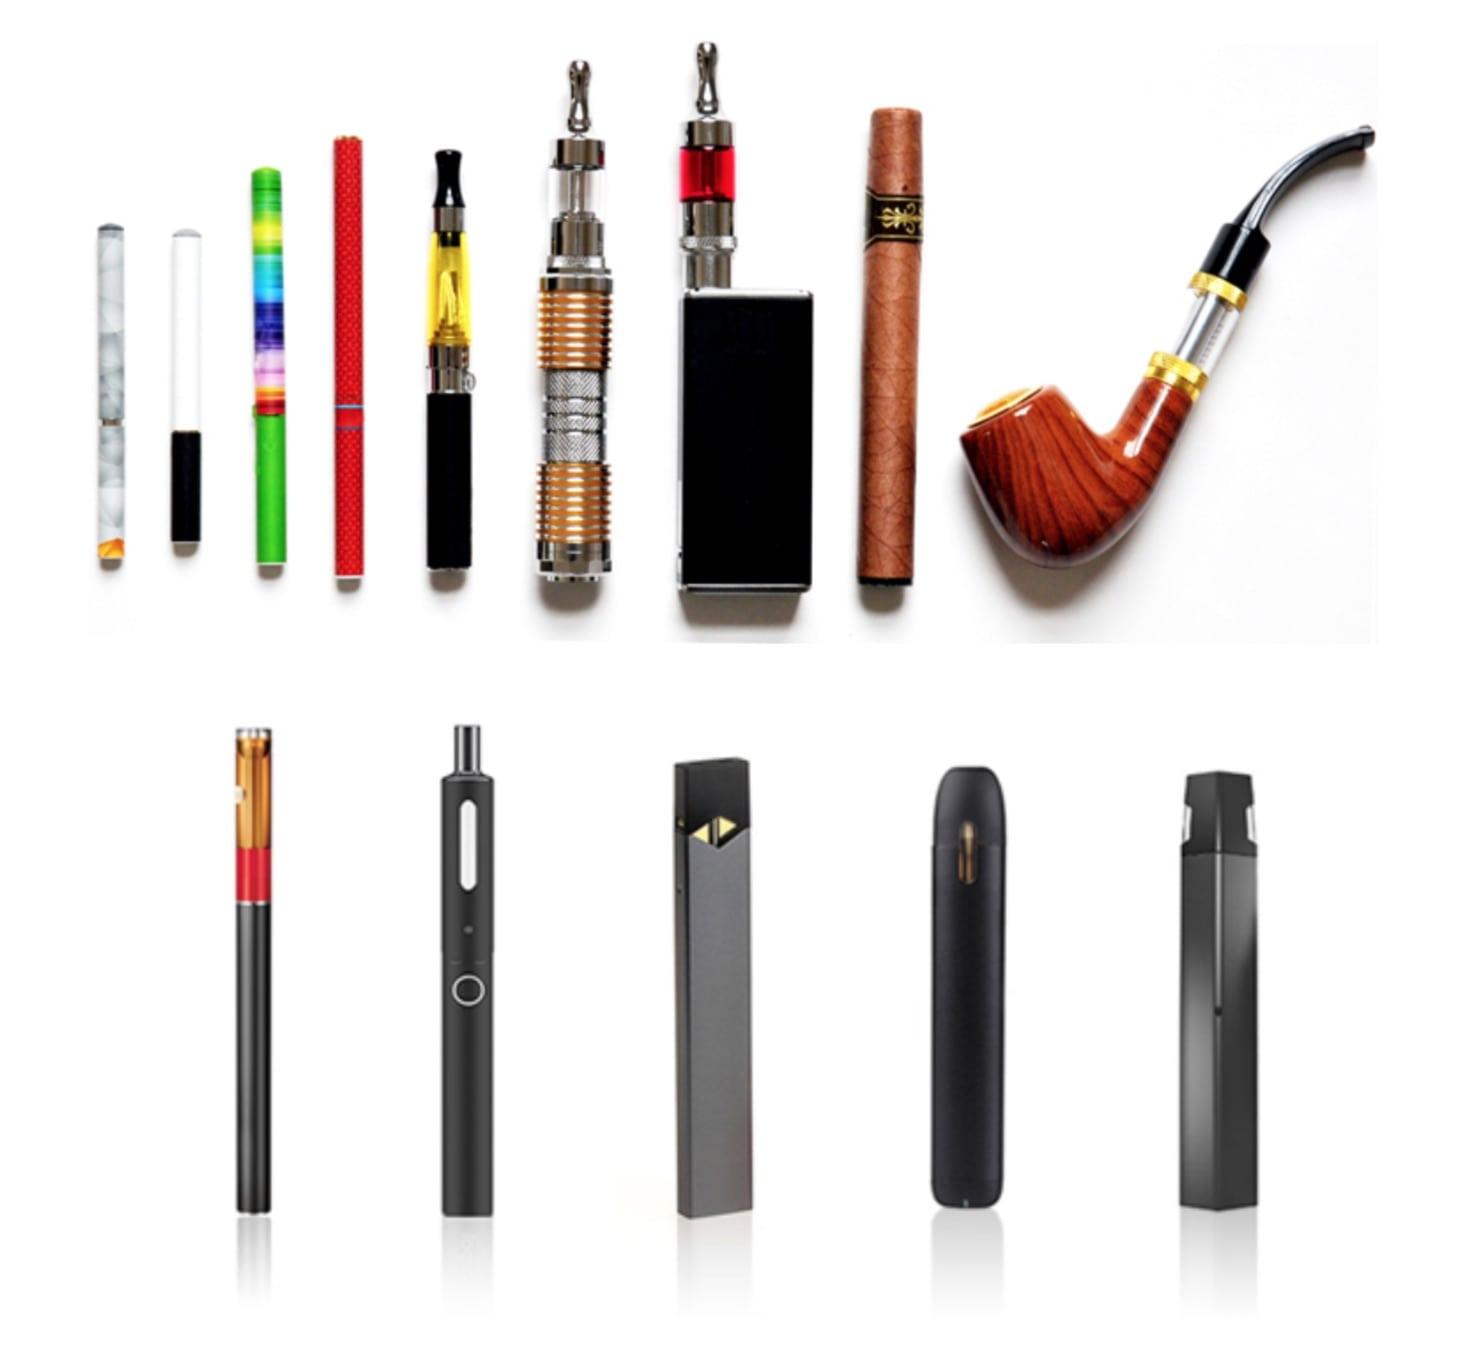 Photo e cigarettes FDA